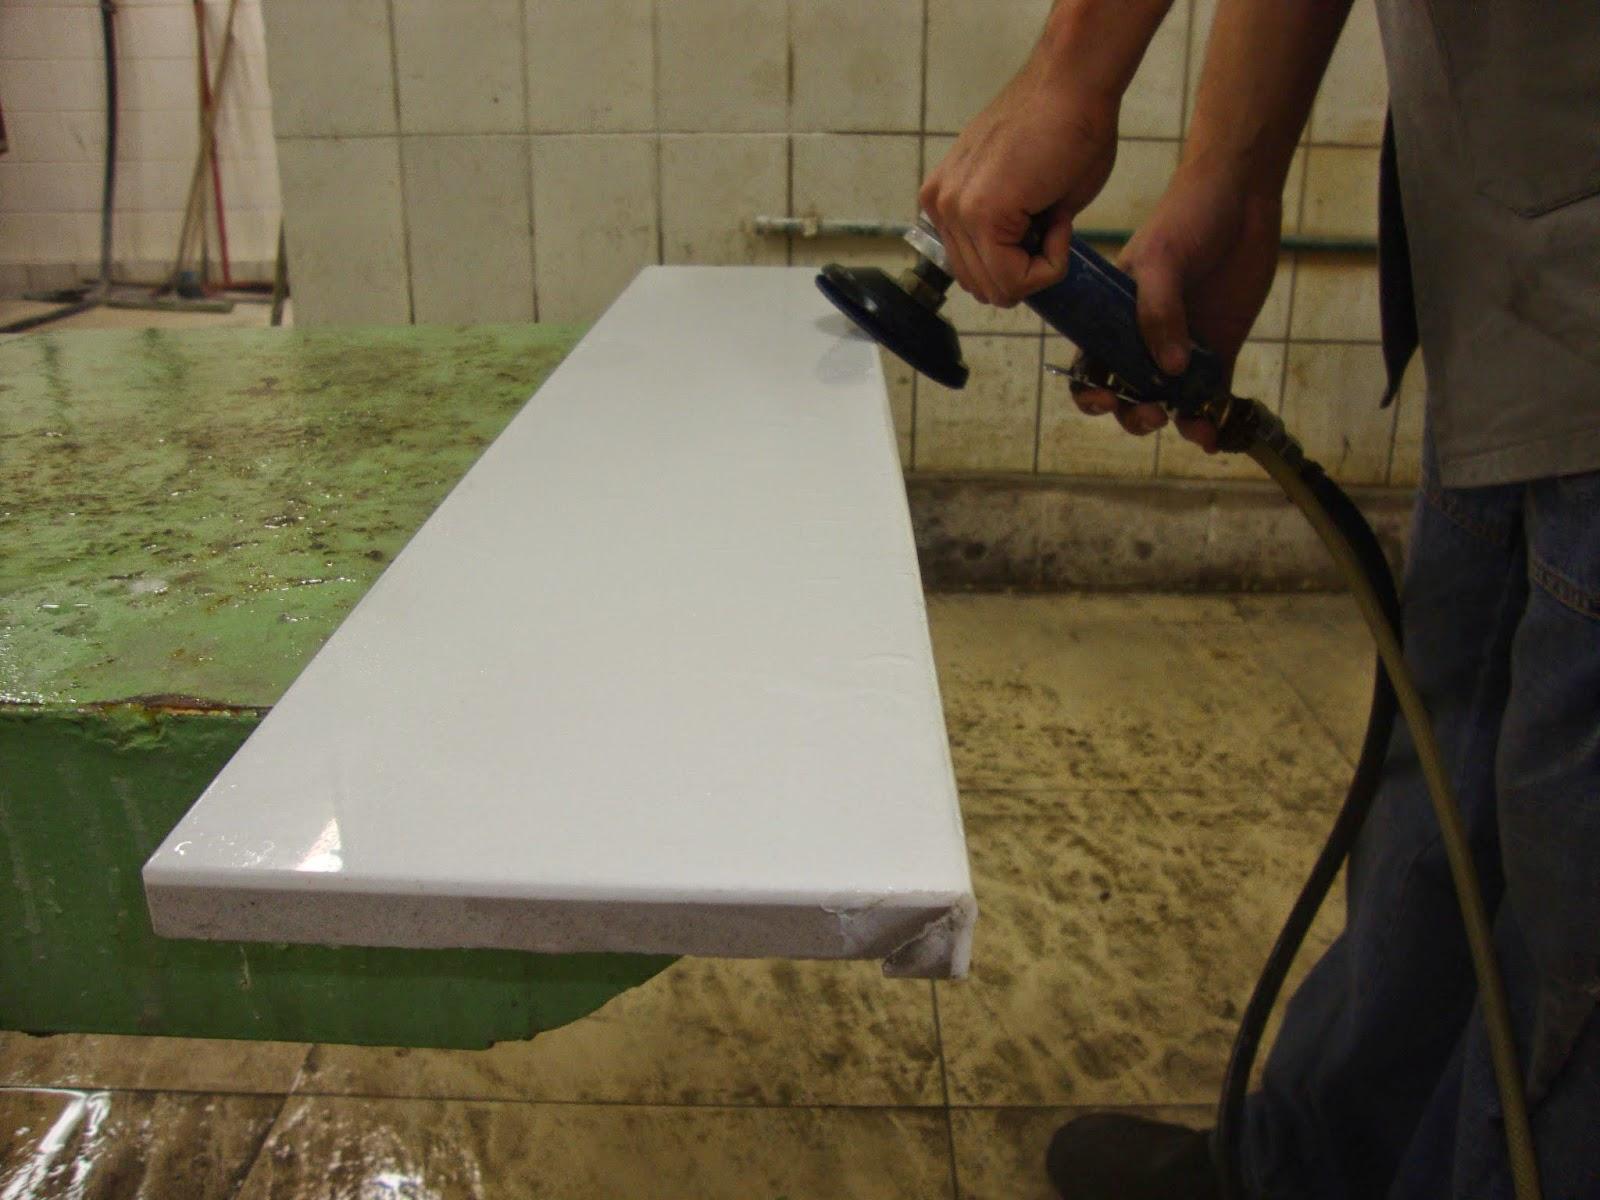 Artnuns fazendo polimento de partes da bancada de porcelanato 45 #614B2C 1600x1200 Banheiro Com Bancada De Porcelanato